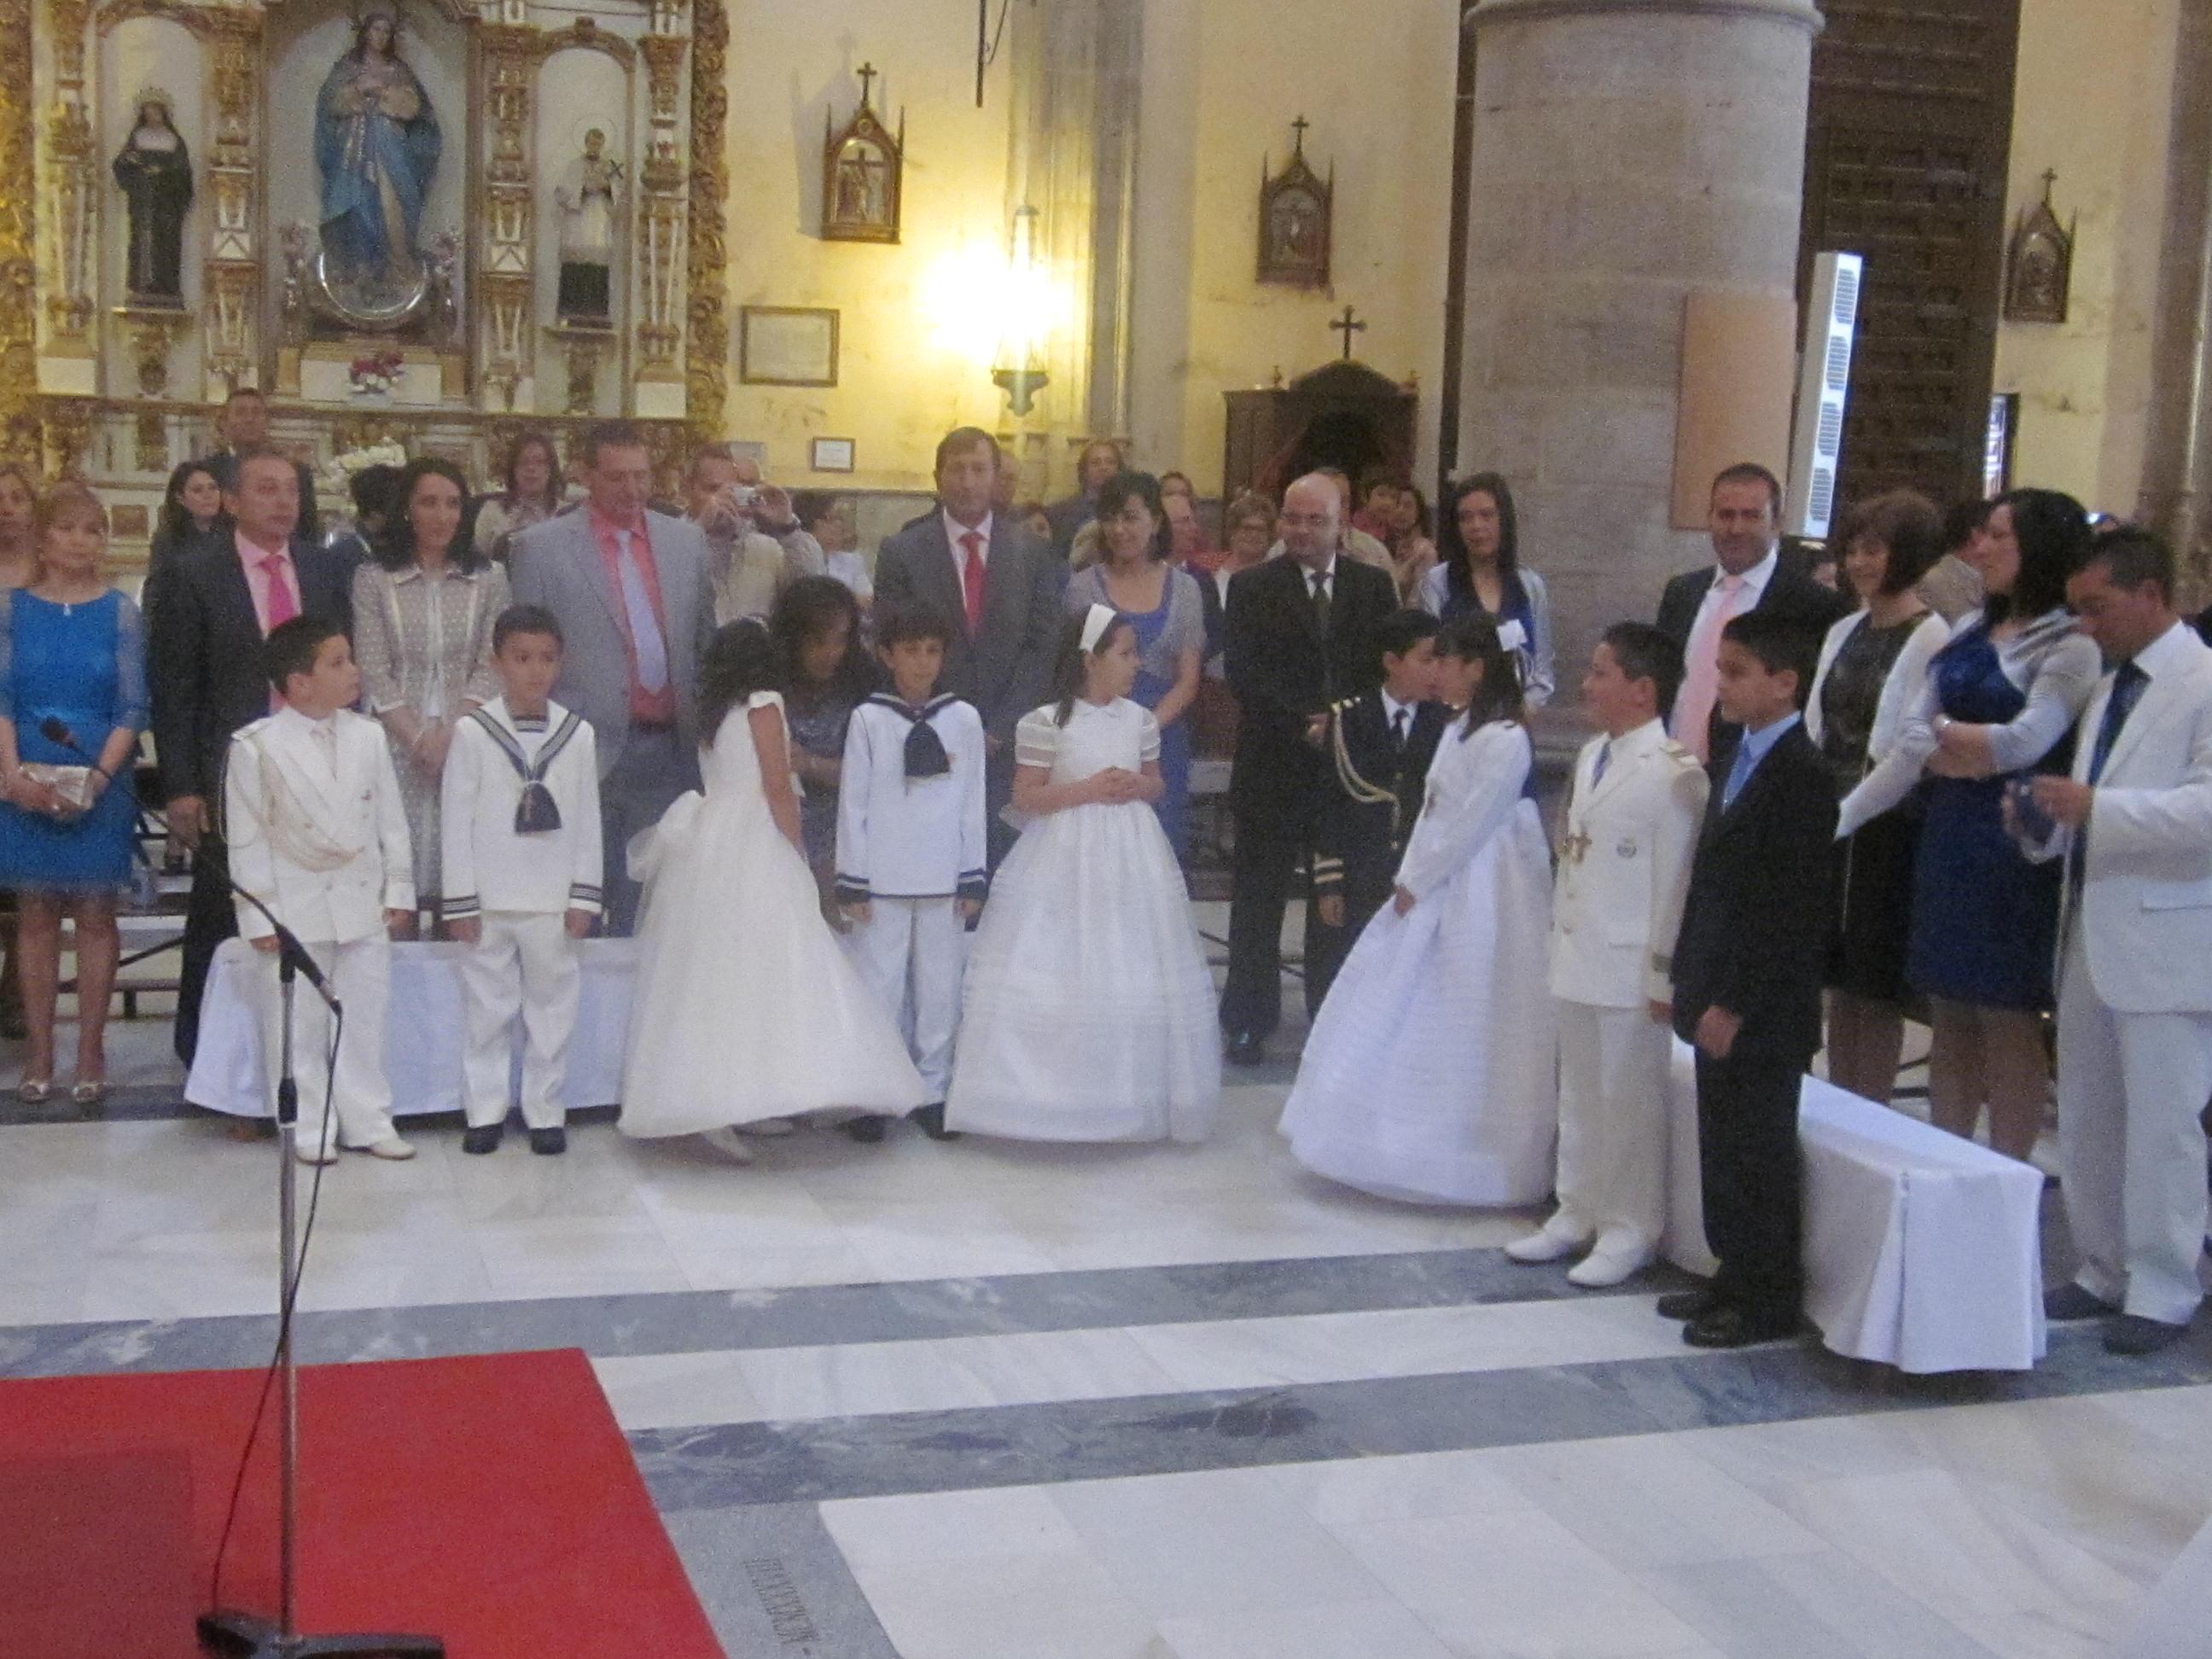 947c42da59f Hoy celebra la primera comunion el ultimo grupo de niños y niñas del 2012.